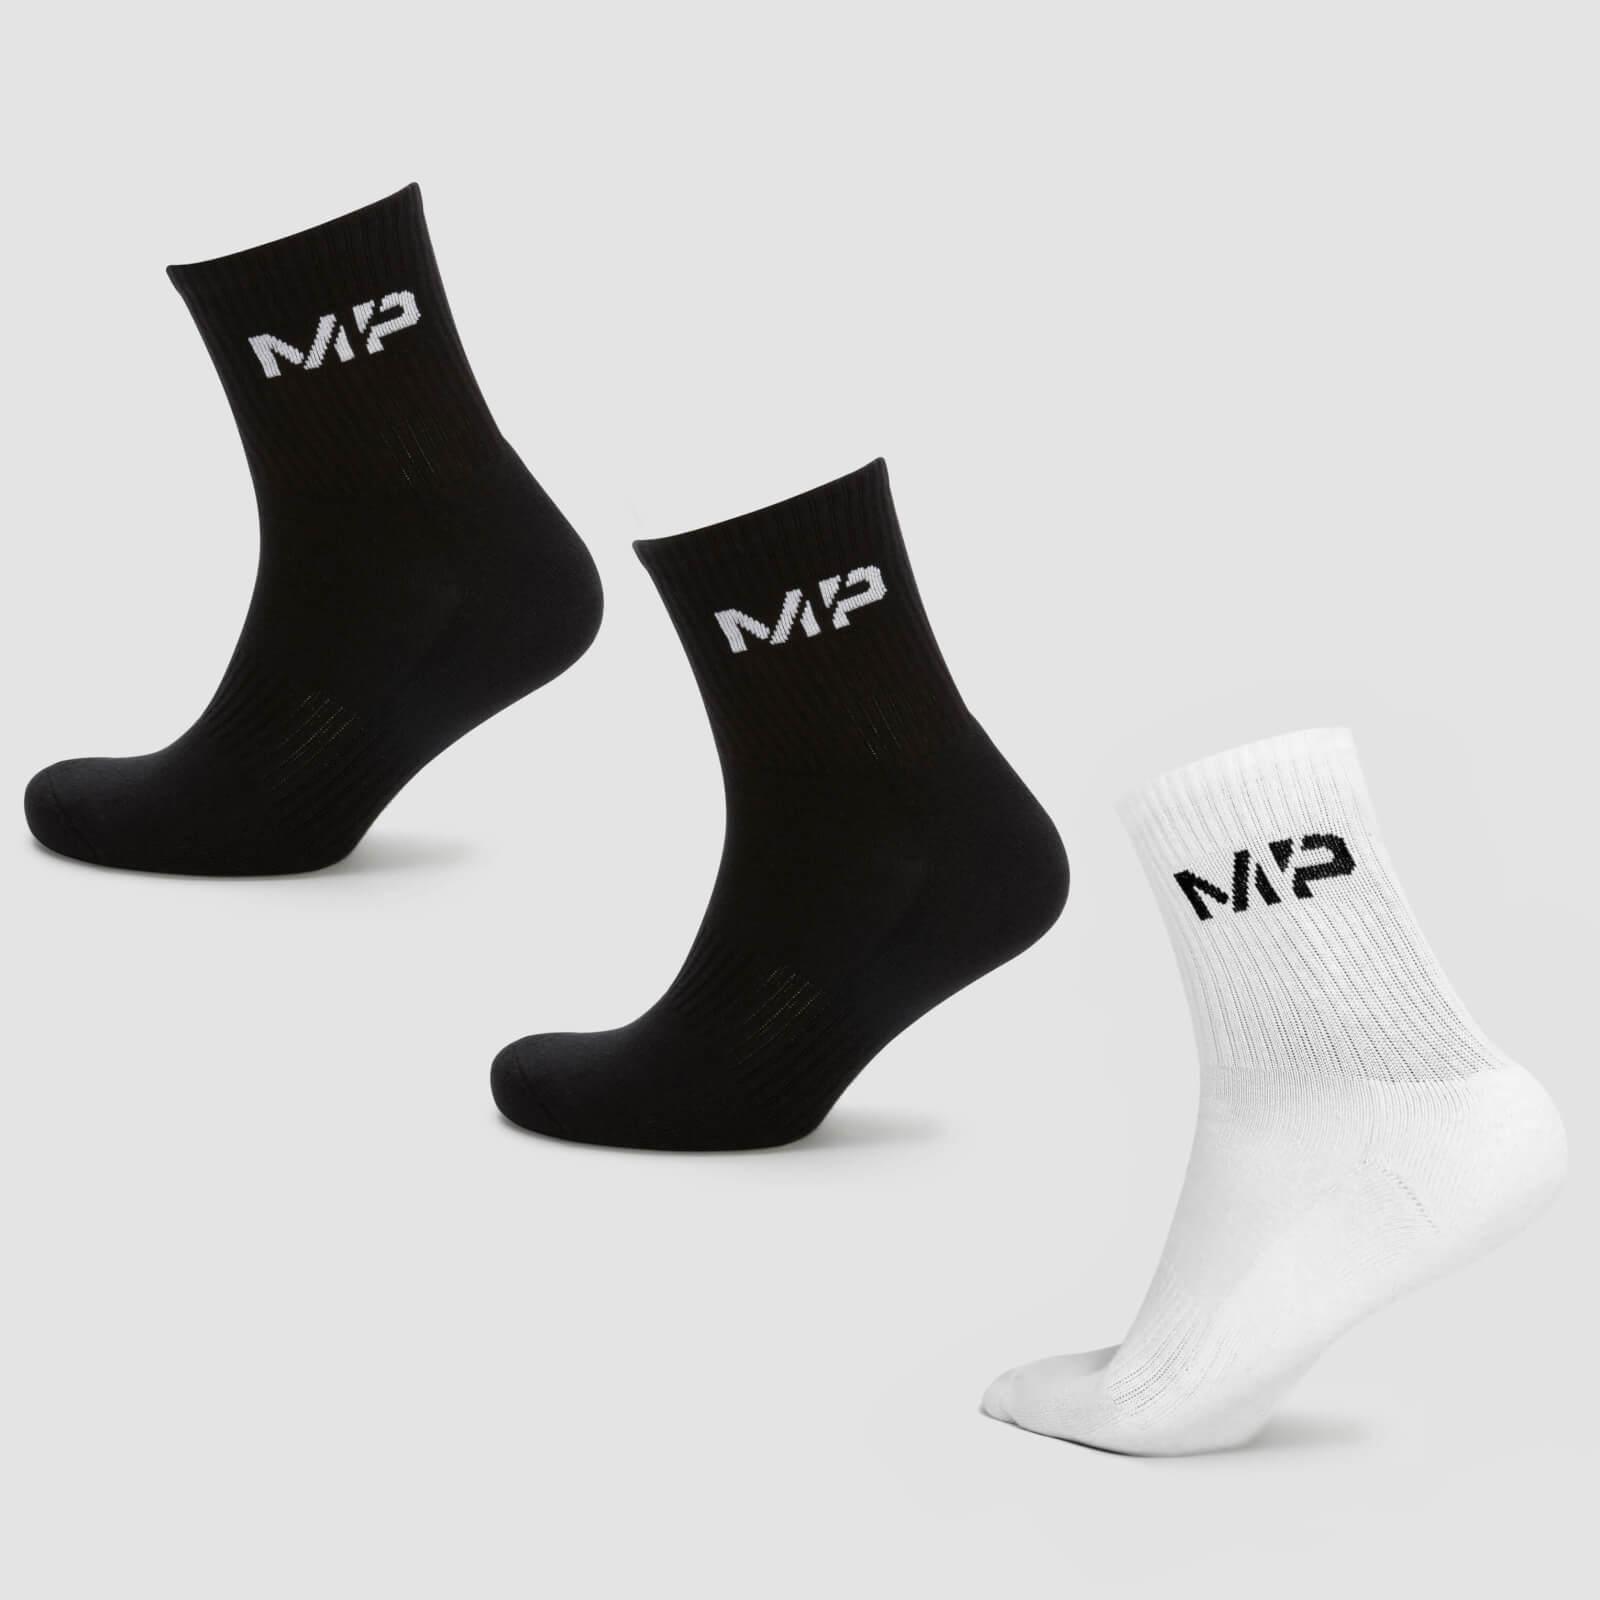 Купить MP Men's Essentials Crew Socks - Black/White (3 Pack) - UK 9-12, Myprotein International